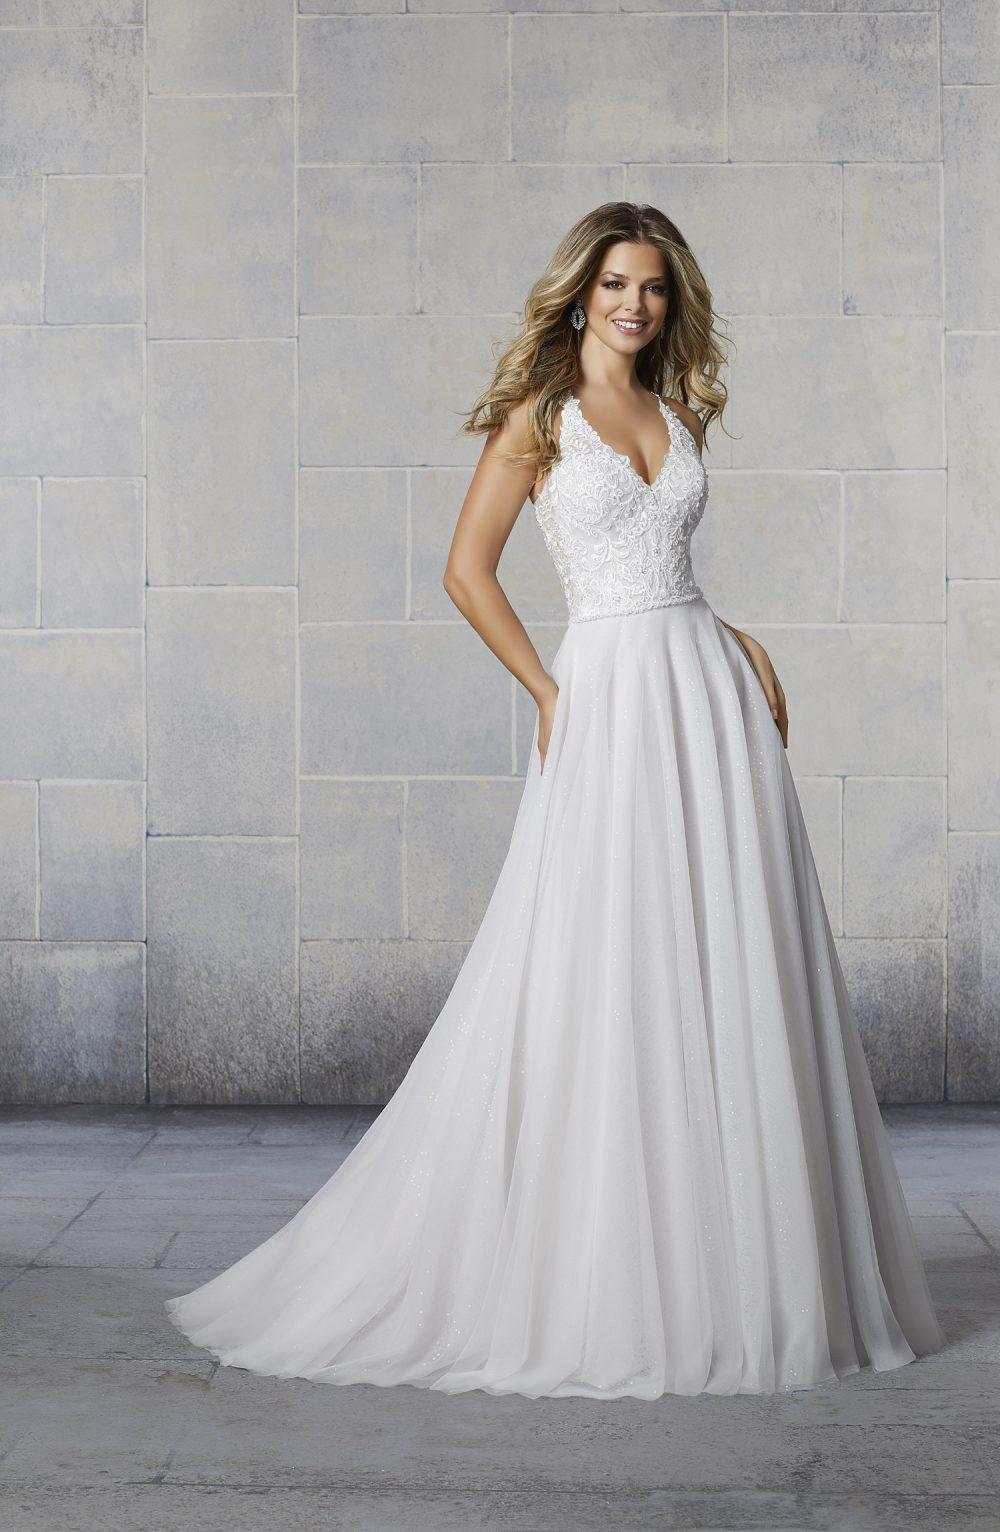 Mariages: abito da sposa Morilee 2021 a Vicenza, Verona, Padova, Veneto 6928